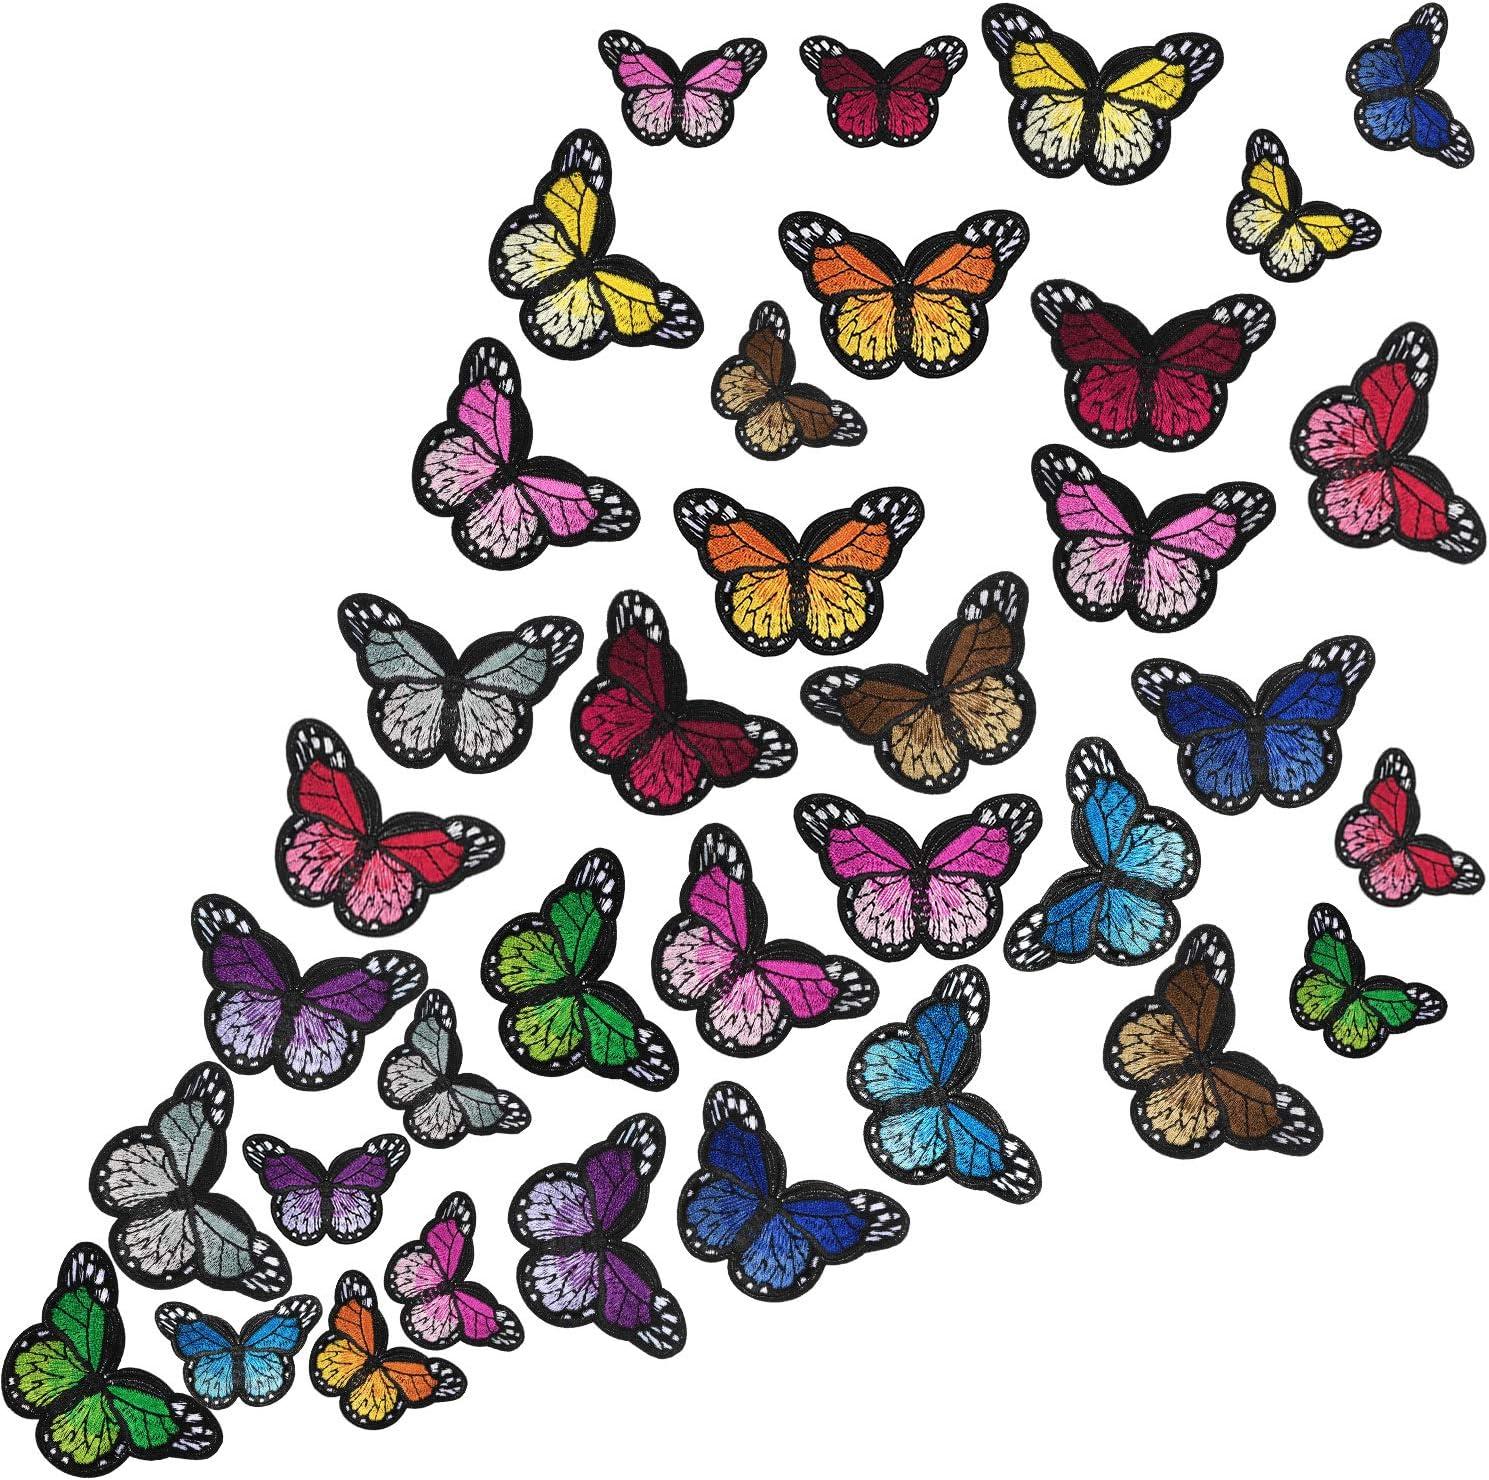 Parche Termoadhesivo de Mariposa Parche de Bordado Apliques para Manualidades Decoración Camiseta Chaqueta Zapatos Bolsa Parche de Reparación(Grande+Pequeño, 36 Piezas)